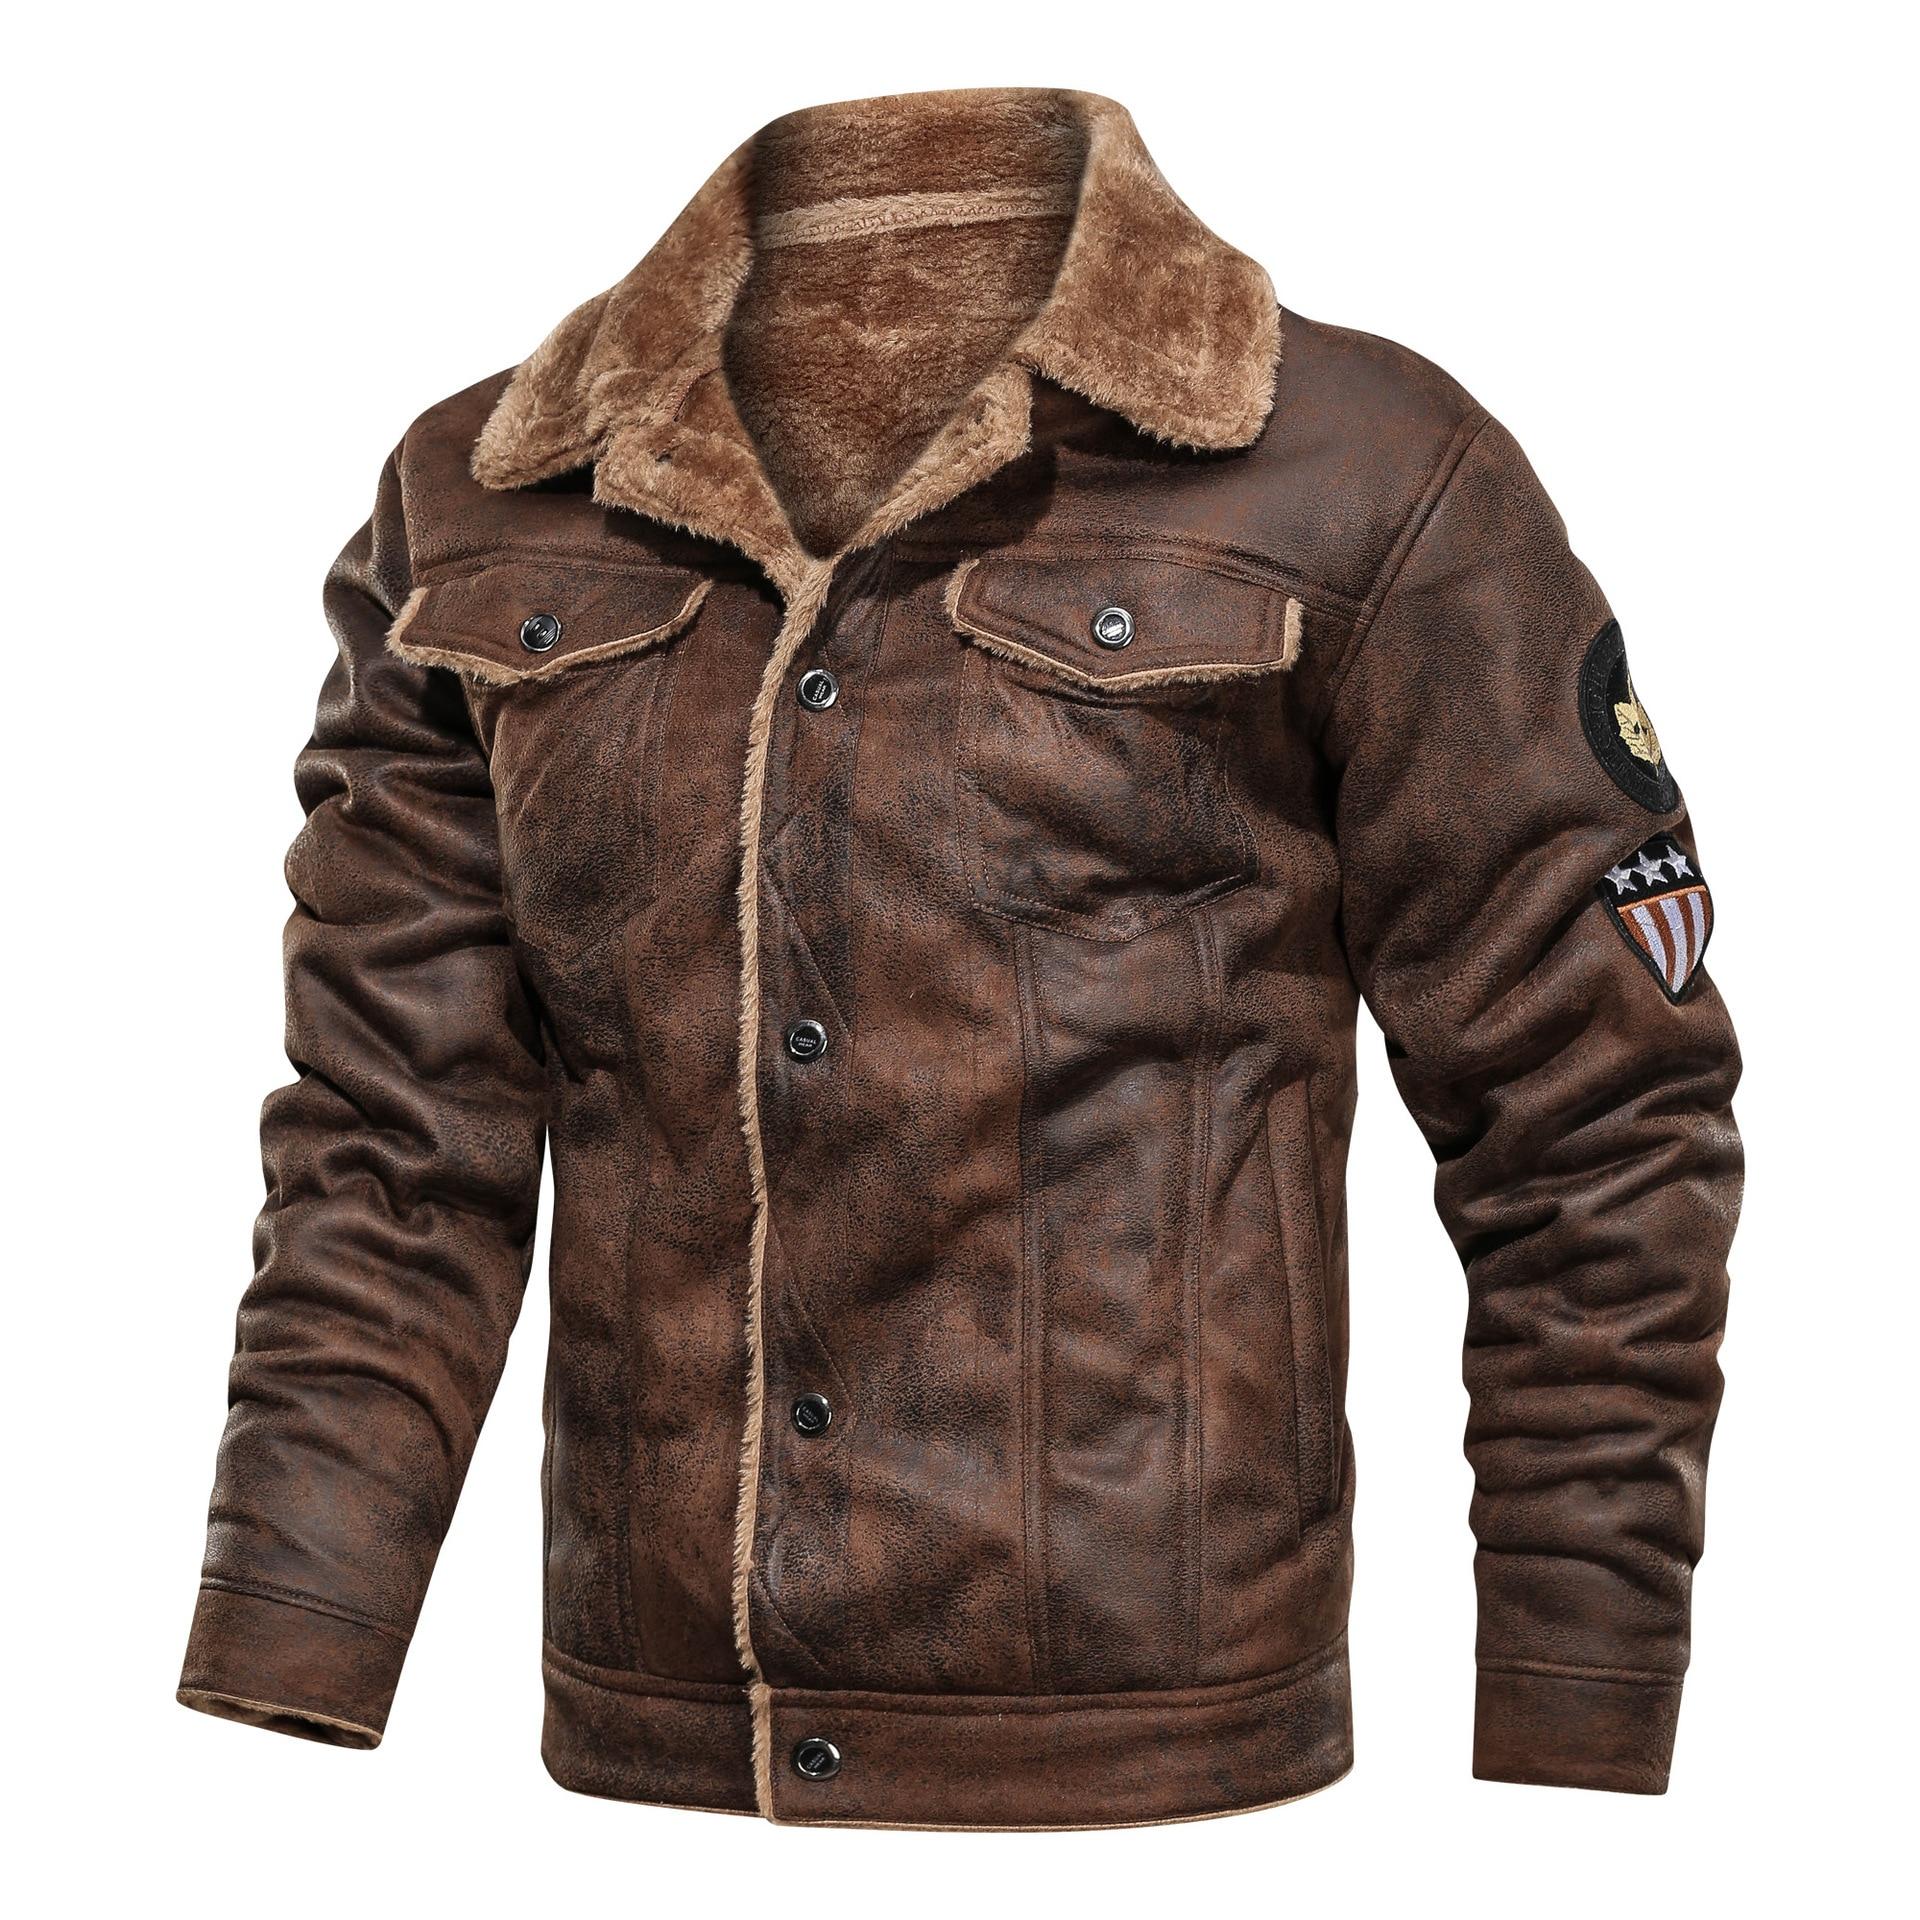 Winter Fur Leather Jacket Mens Suede Leather Jackets Men Faux Fur Thick Warm Suede Jacket Men Motorcycle Jacket Men